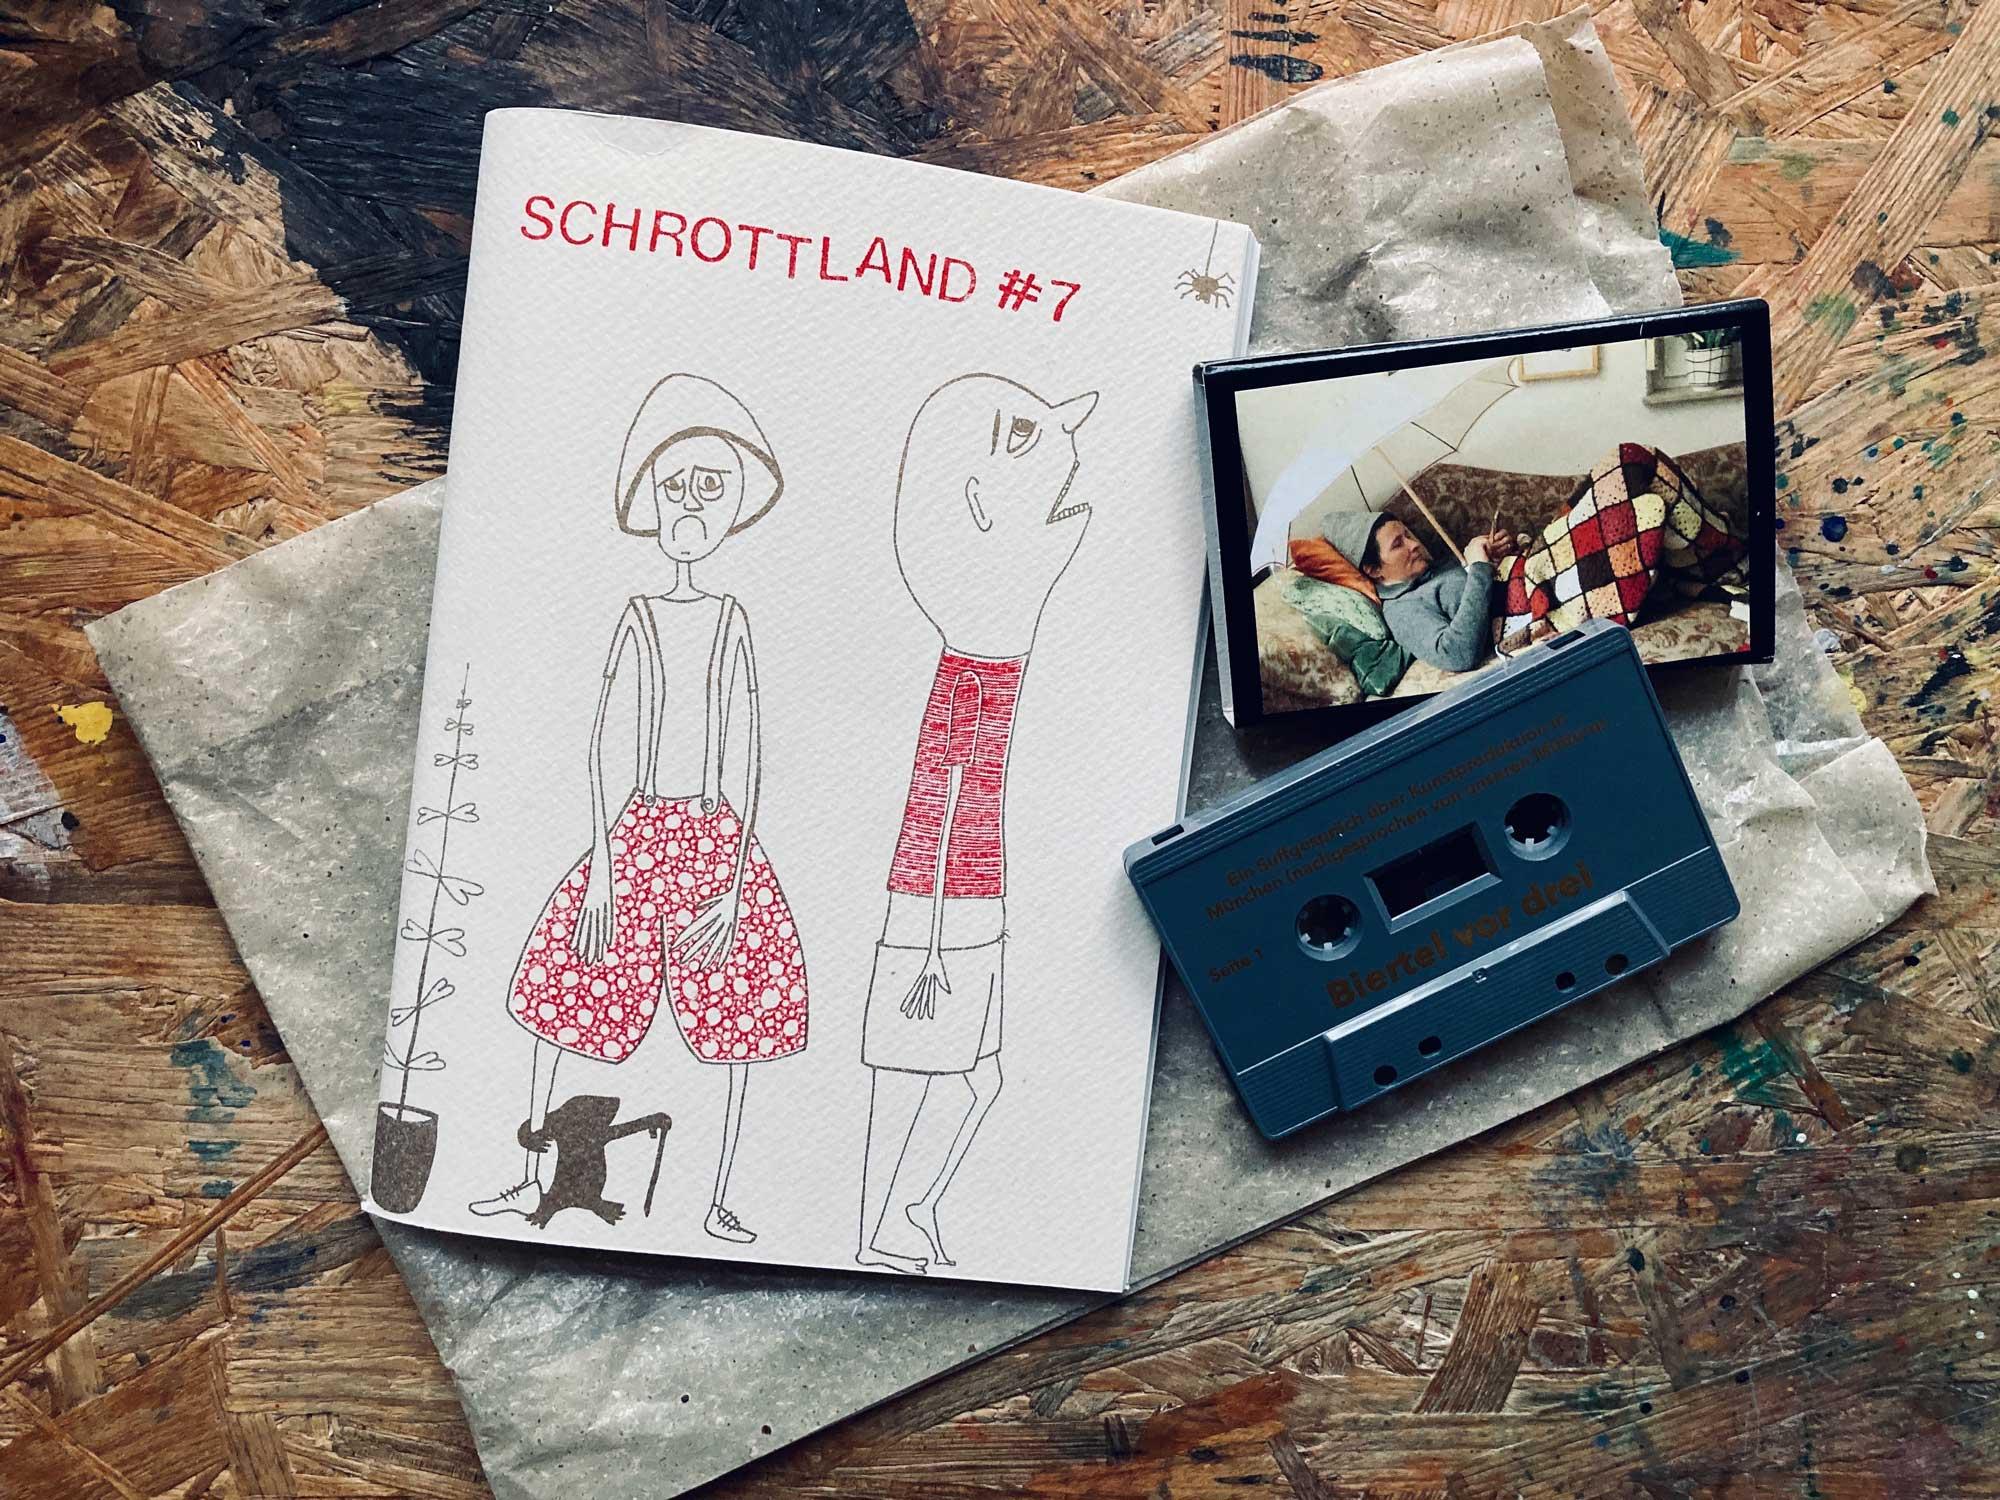 schrottland #7, Heft und Kasette